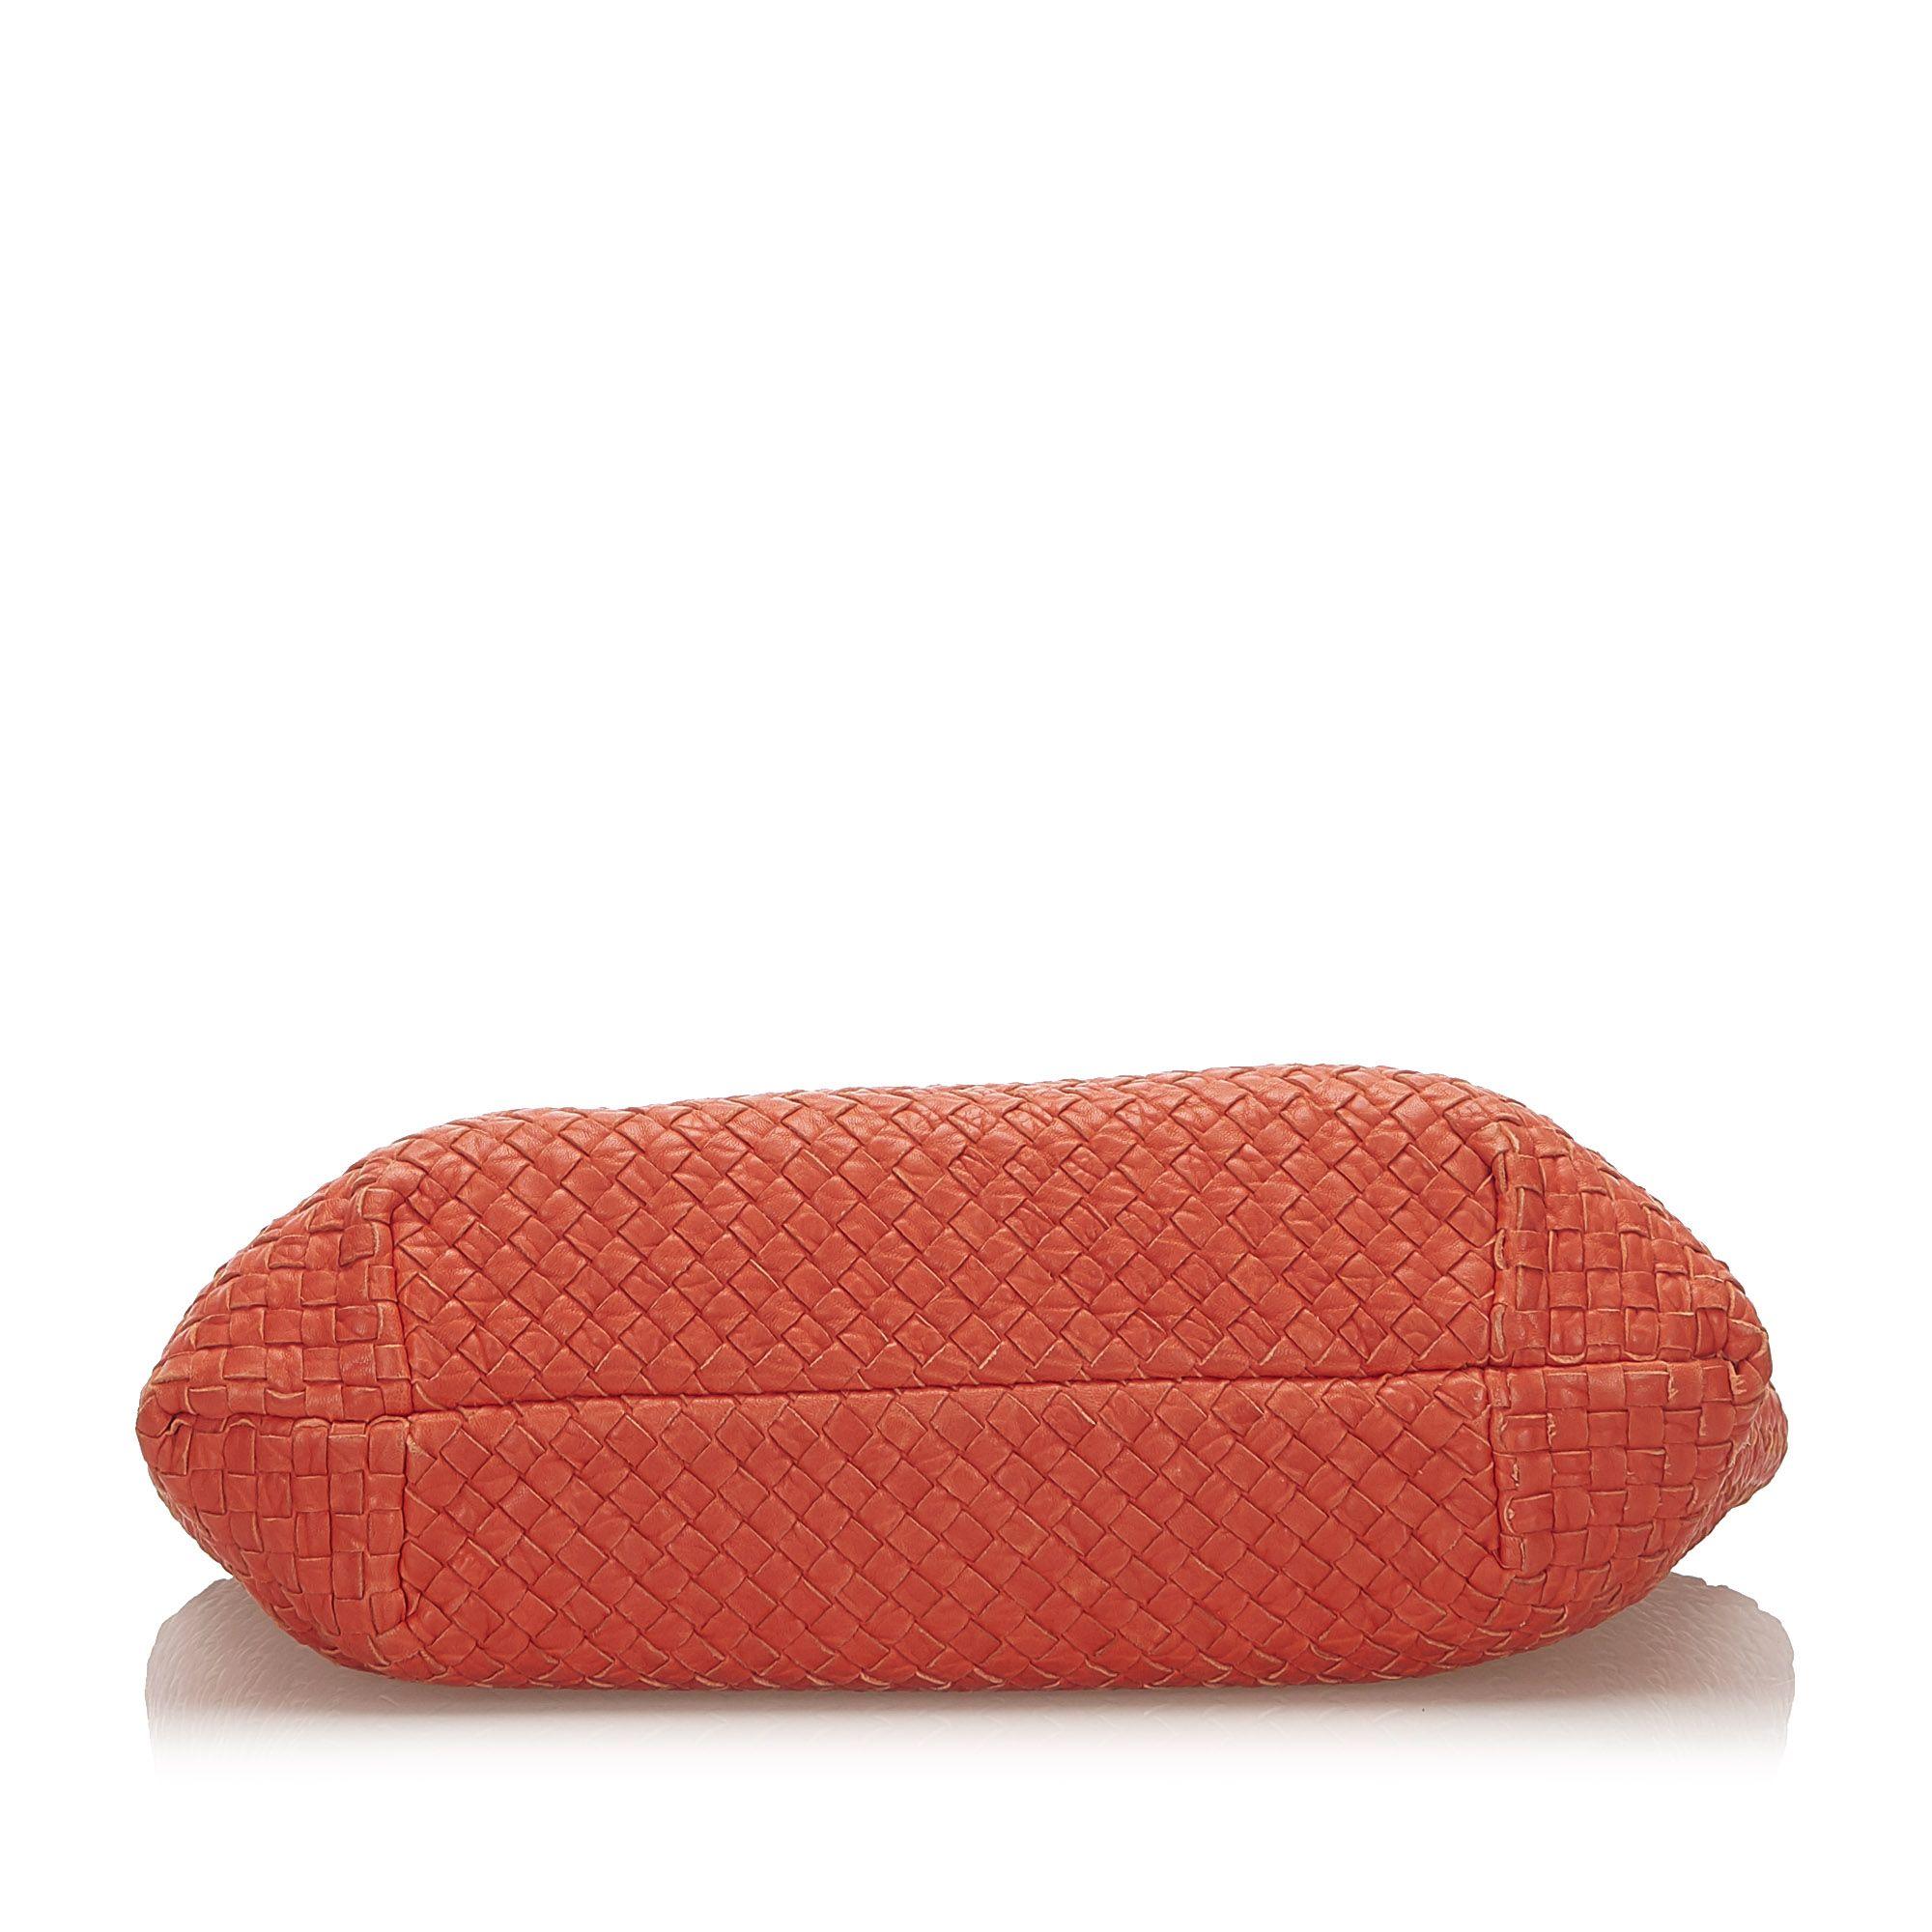 Vintage Bottega Veneta Intrecciato Capri Leather Tote Bag Red